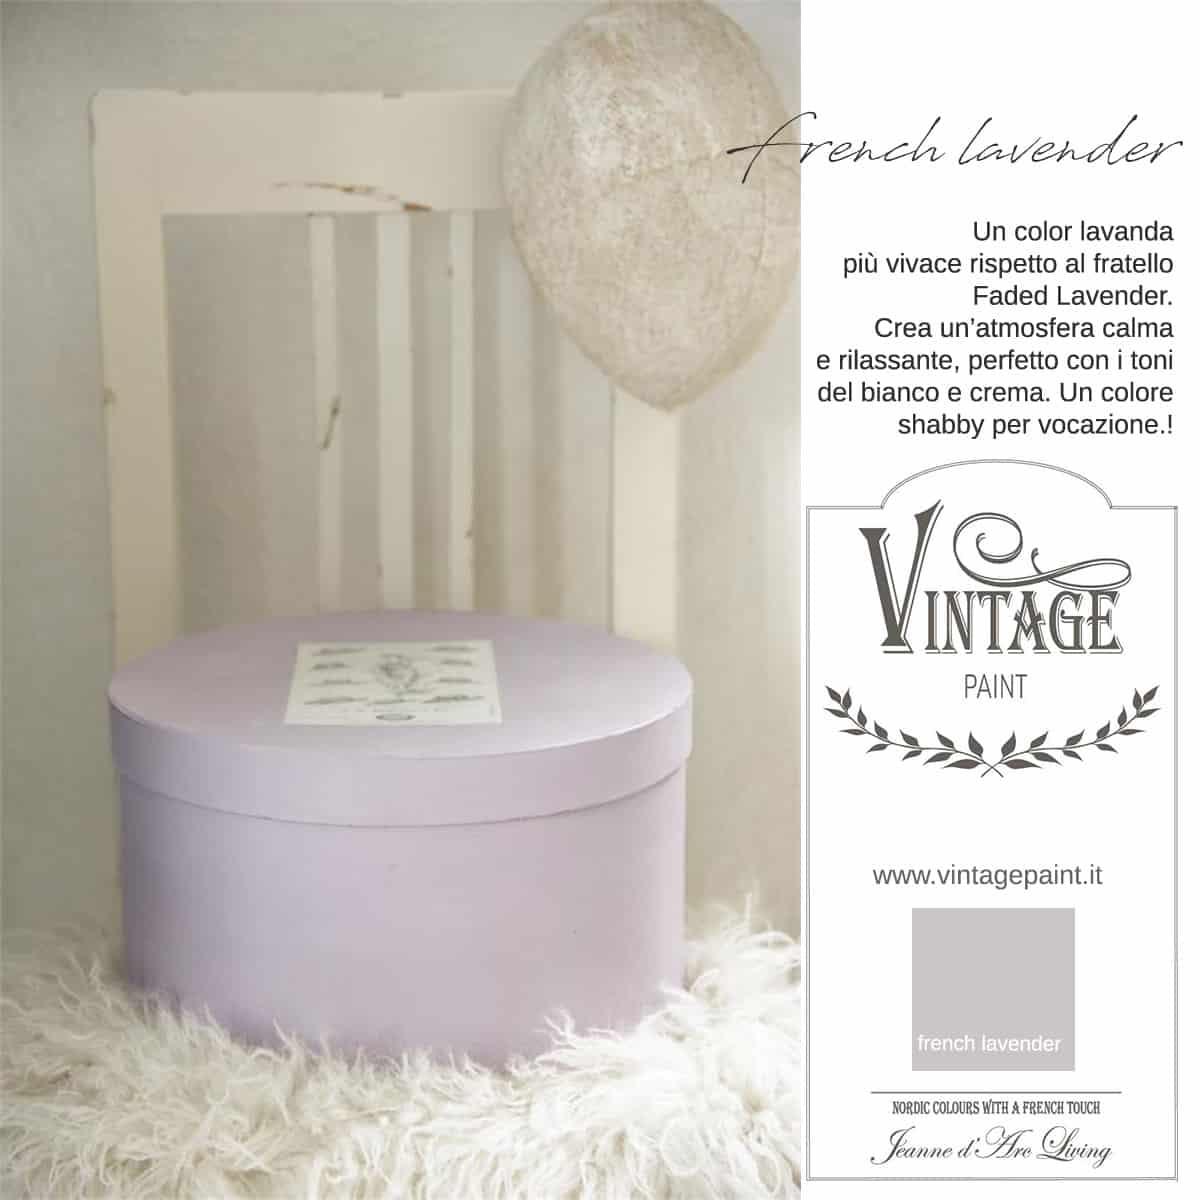 french lavender lavanda viola vintage chalk paint vernici shabby chic autentico look gesso